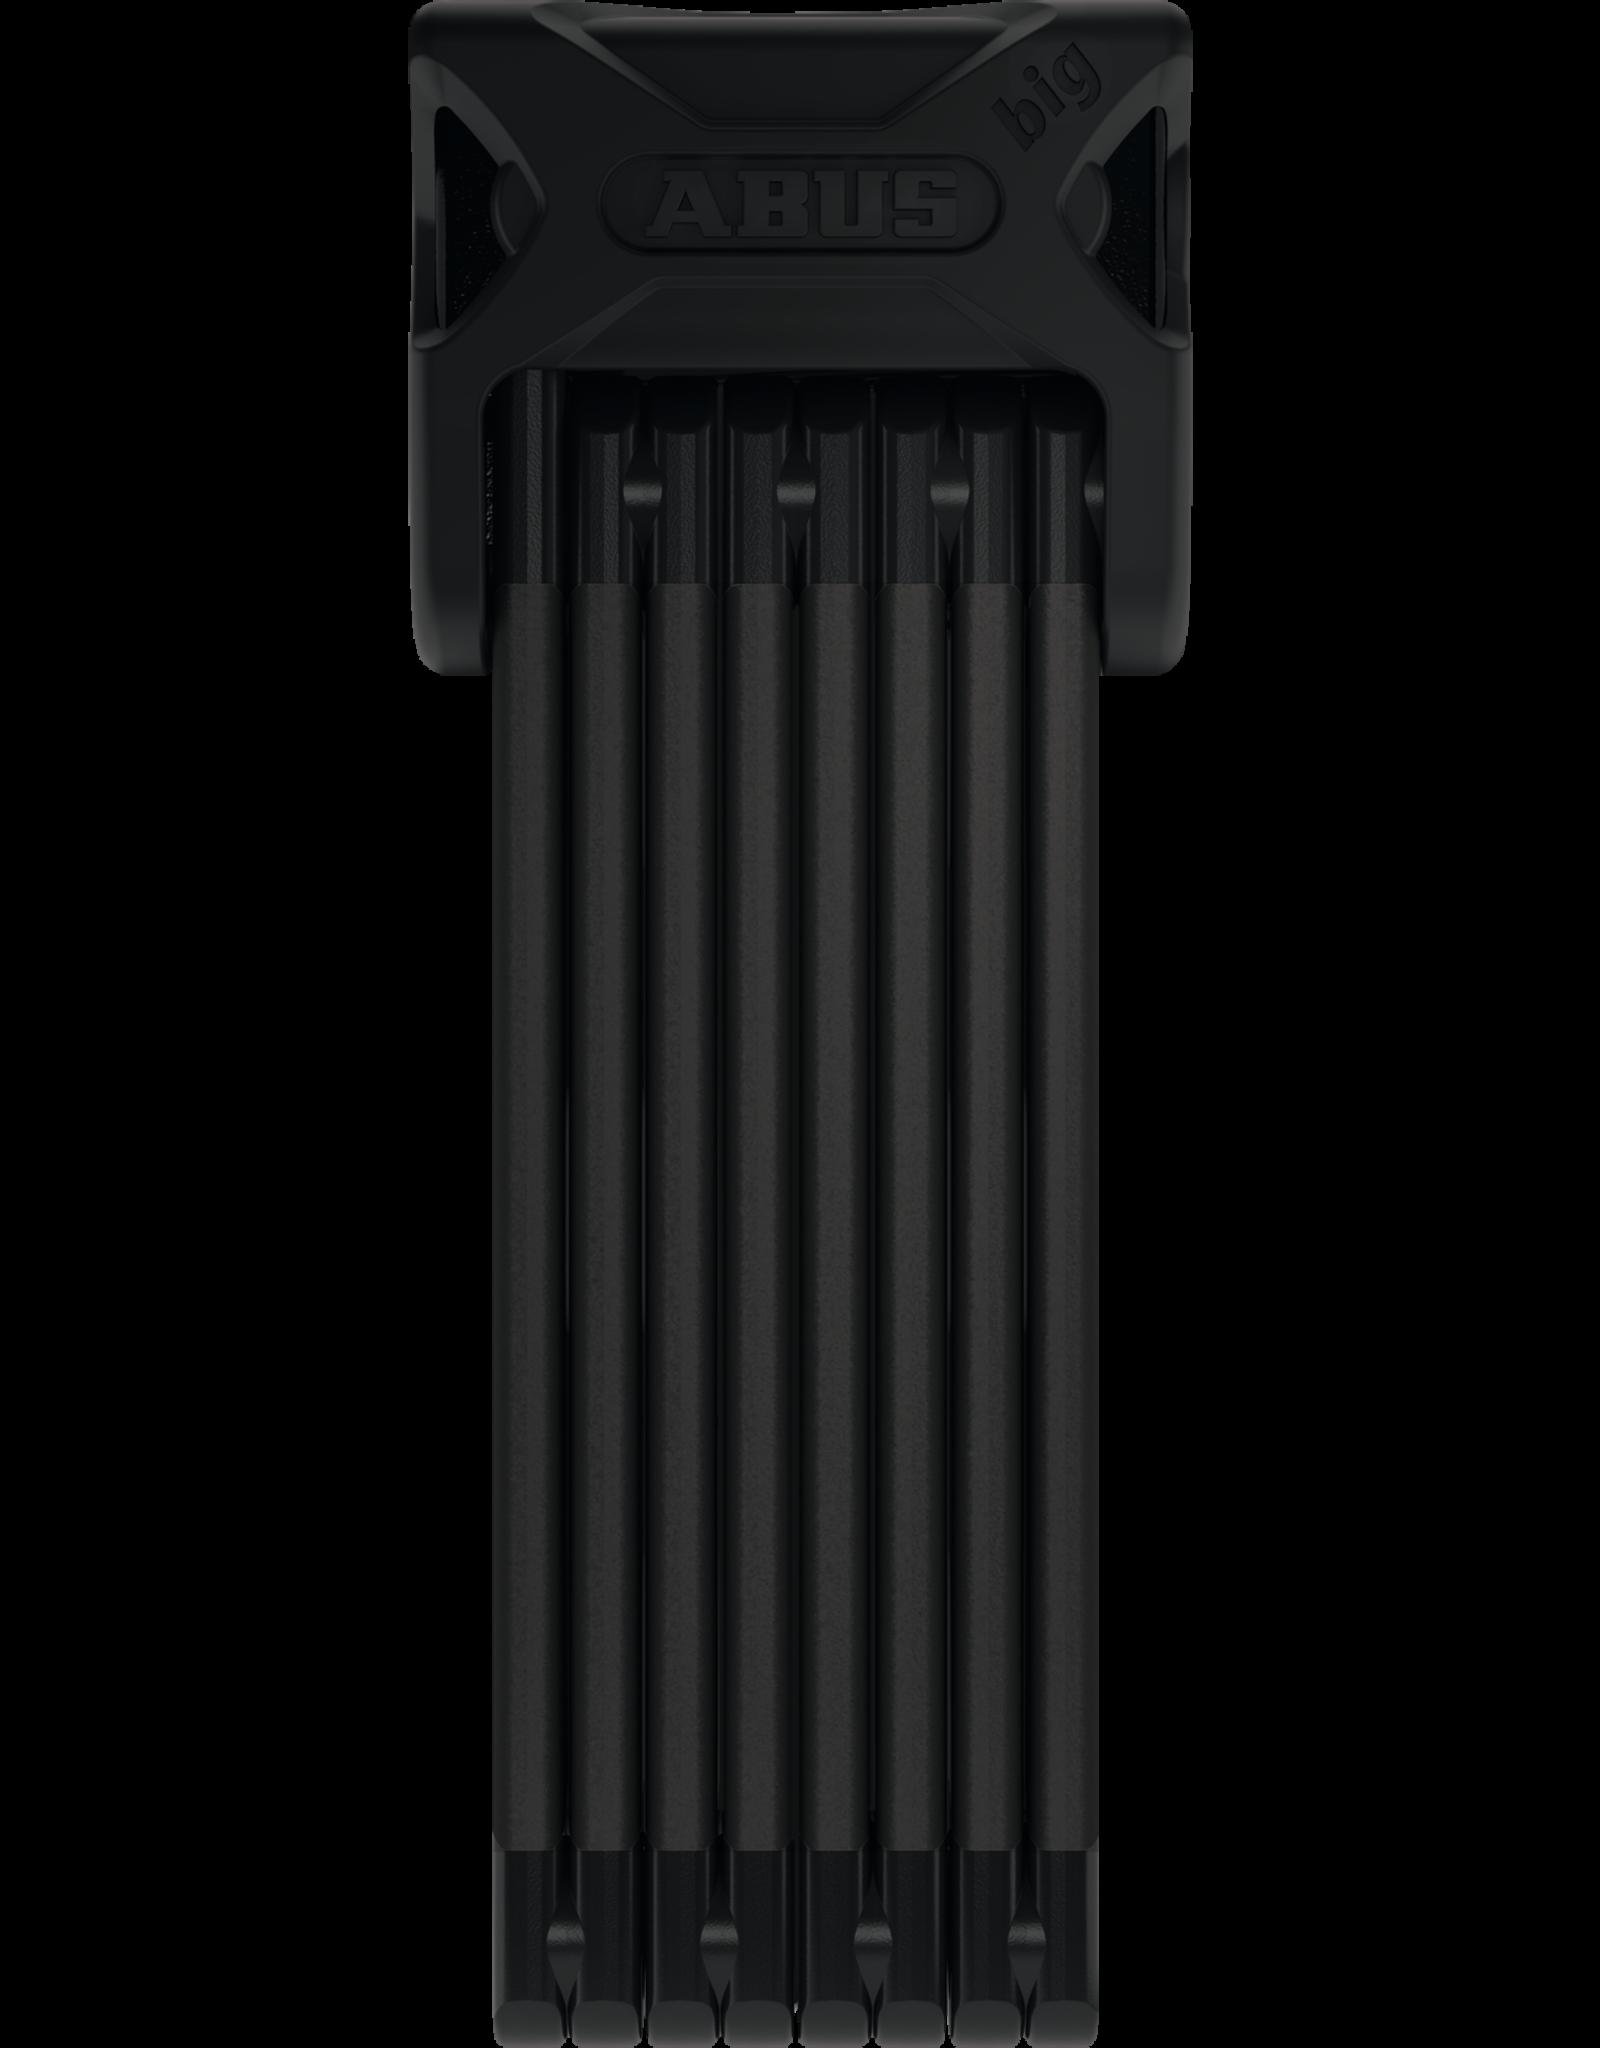 Abus Abus Bordo Big Plus 6000 Foldable Lock with Key 4' Black